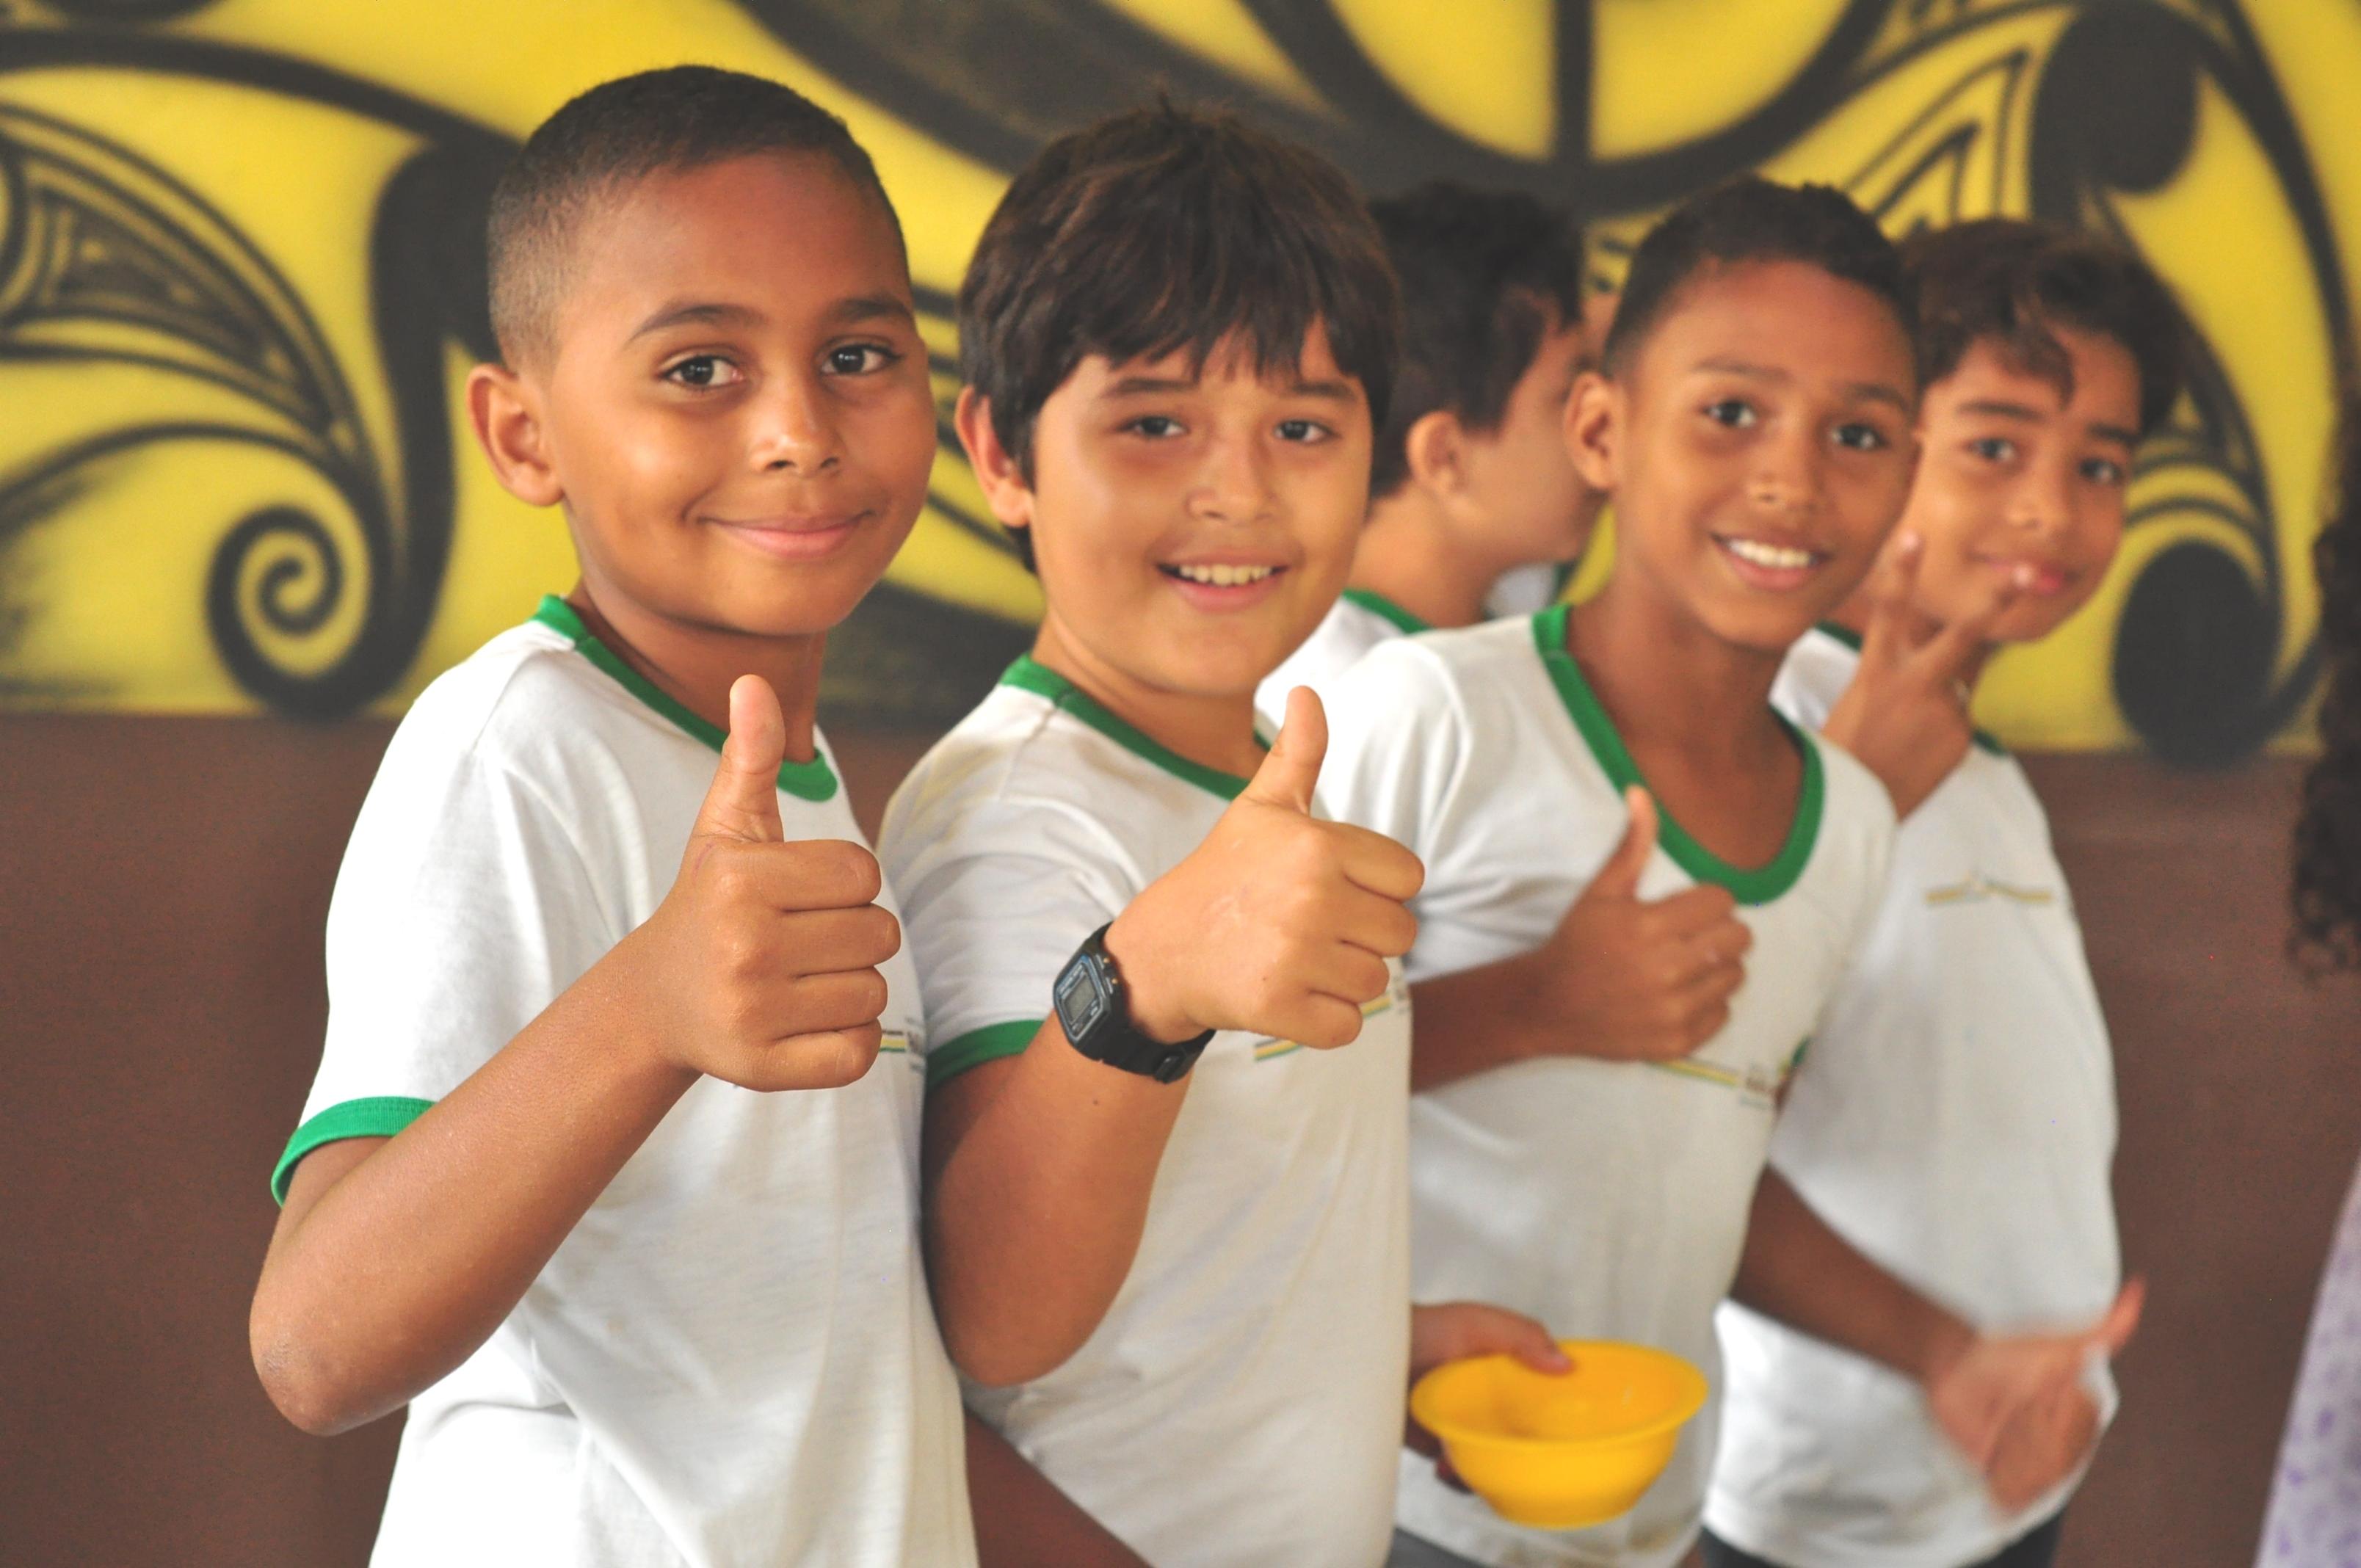 Rede Municipal de ensino de Parauapebas inicia matrículas para alunos novatos